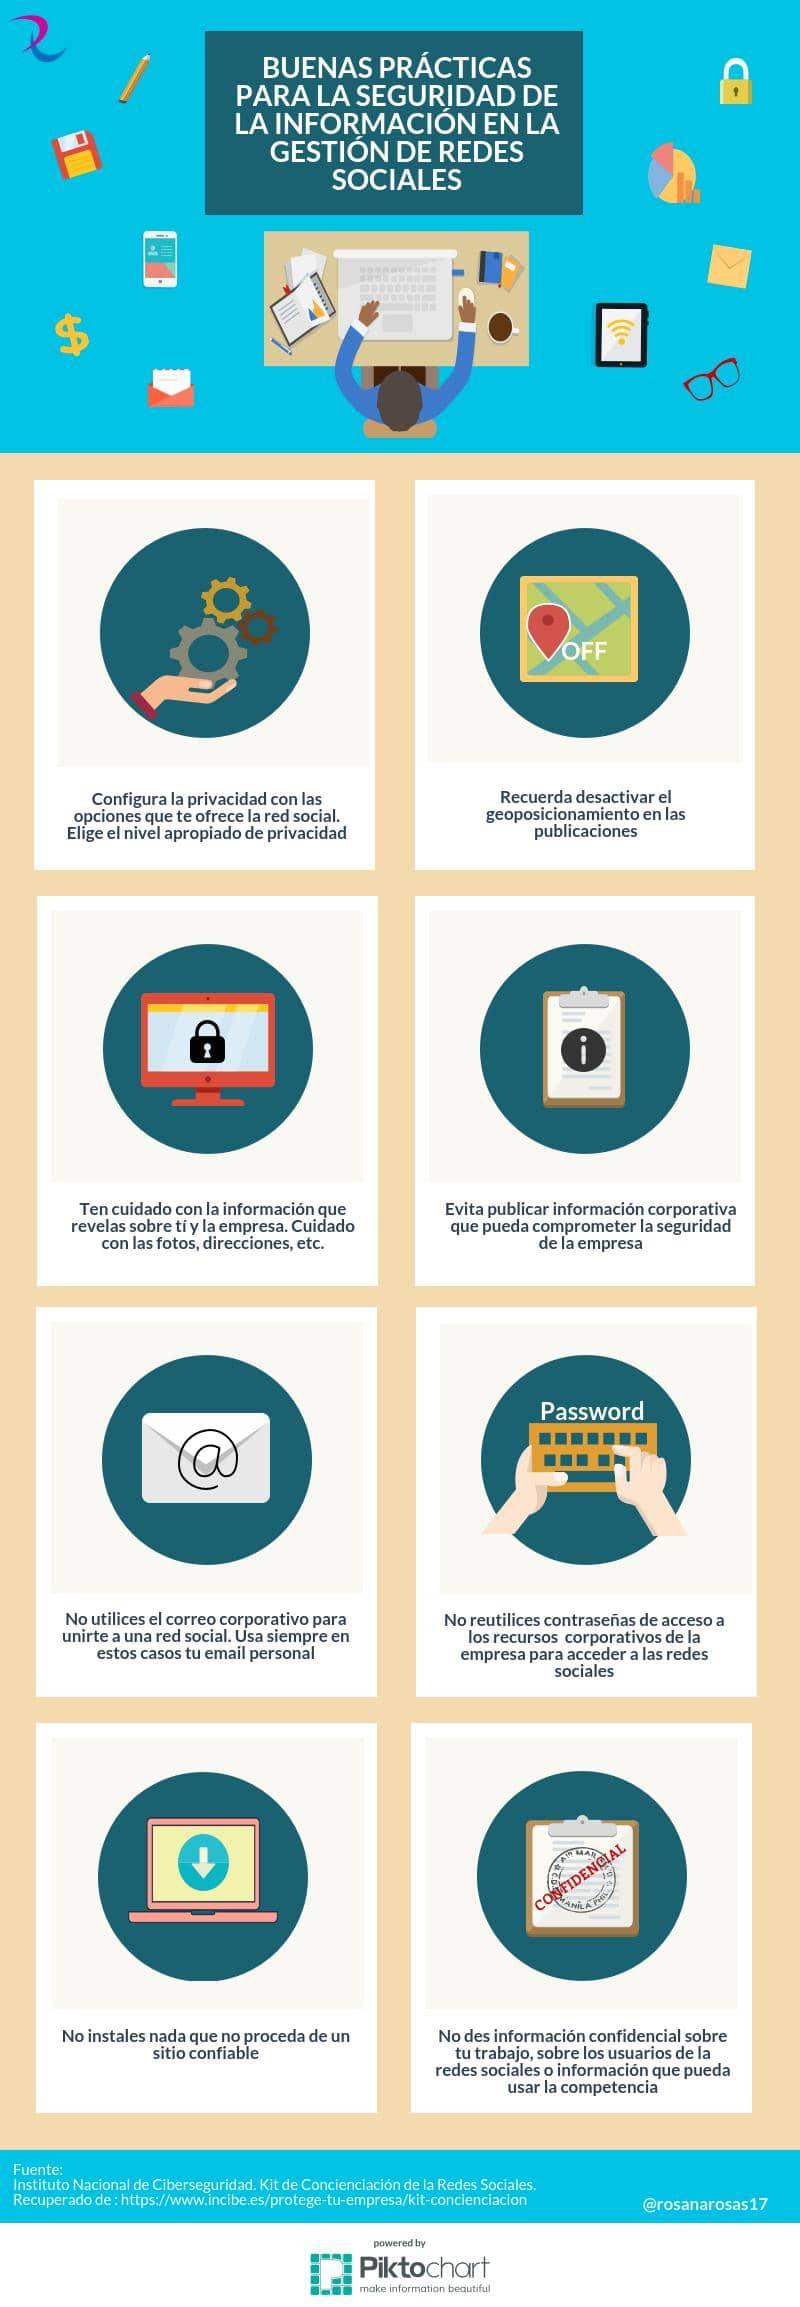 infografia-buenas-practicas-para-la-seguridad-de-la-informacion-en-la-gestion-de-redes-sociales